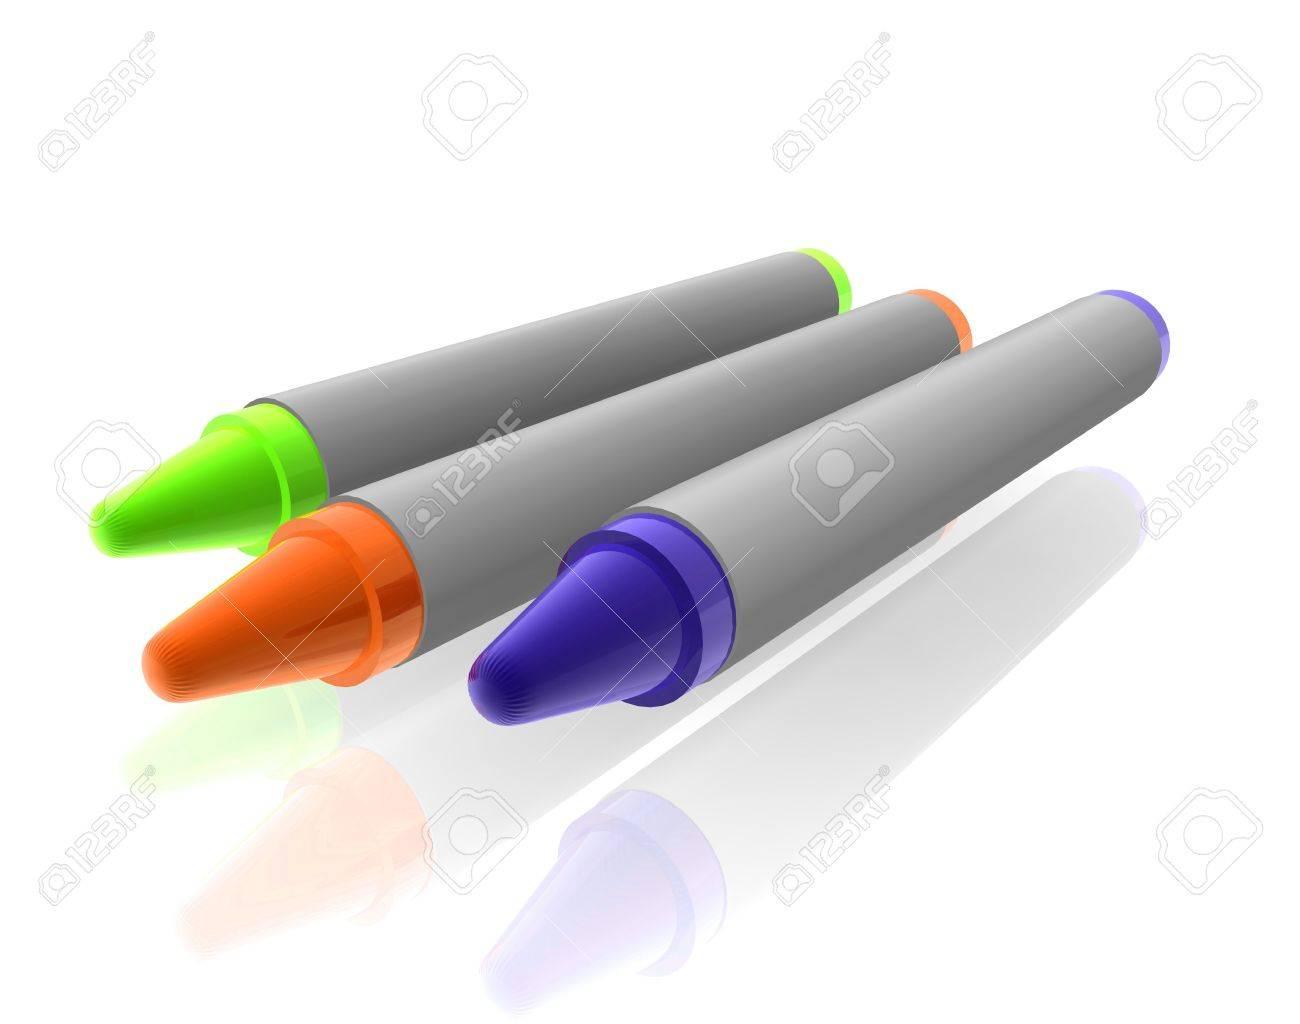 Crayones De Colores Para Colorear Materiales Ilustración, Cromo ...